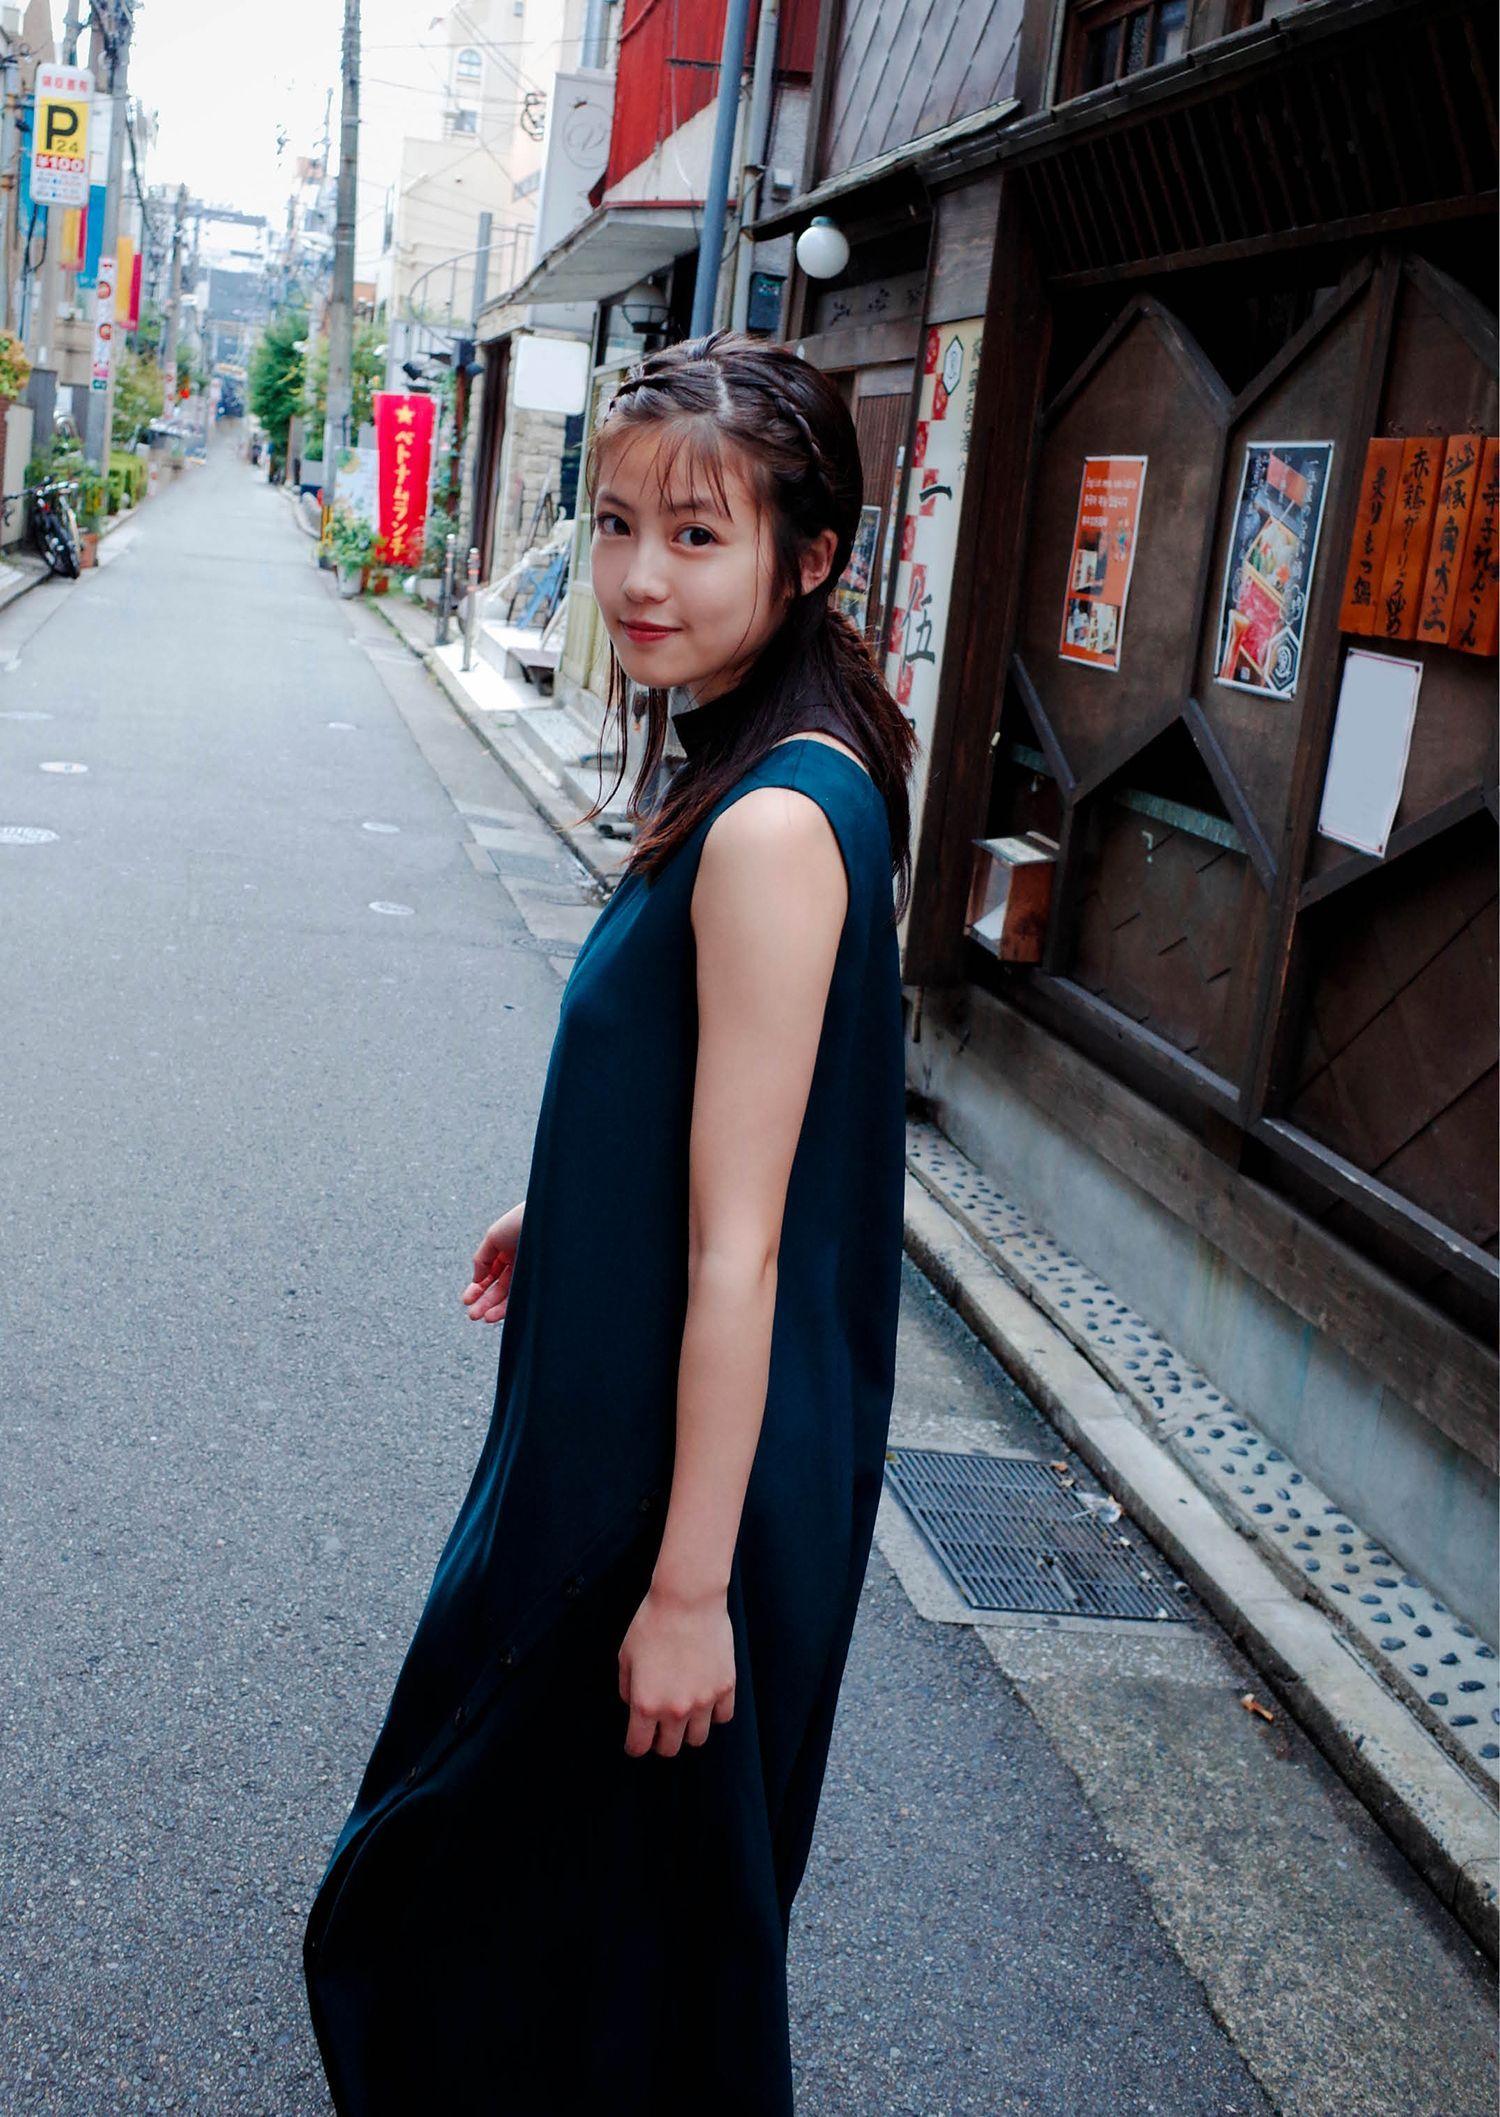 今田美樱Weekly Playboy写真集「スタミナ」 养眼图片 第18张